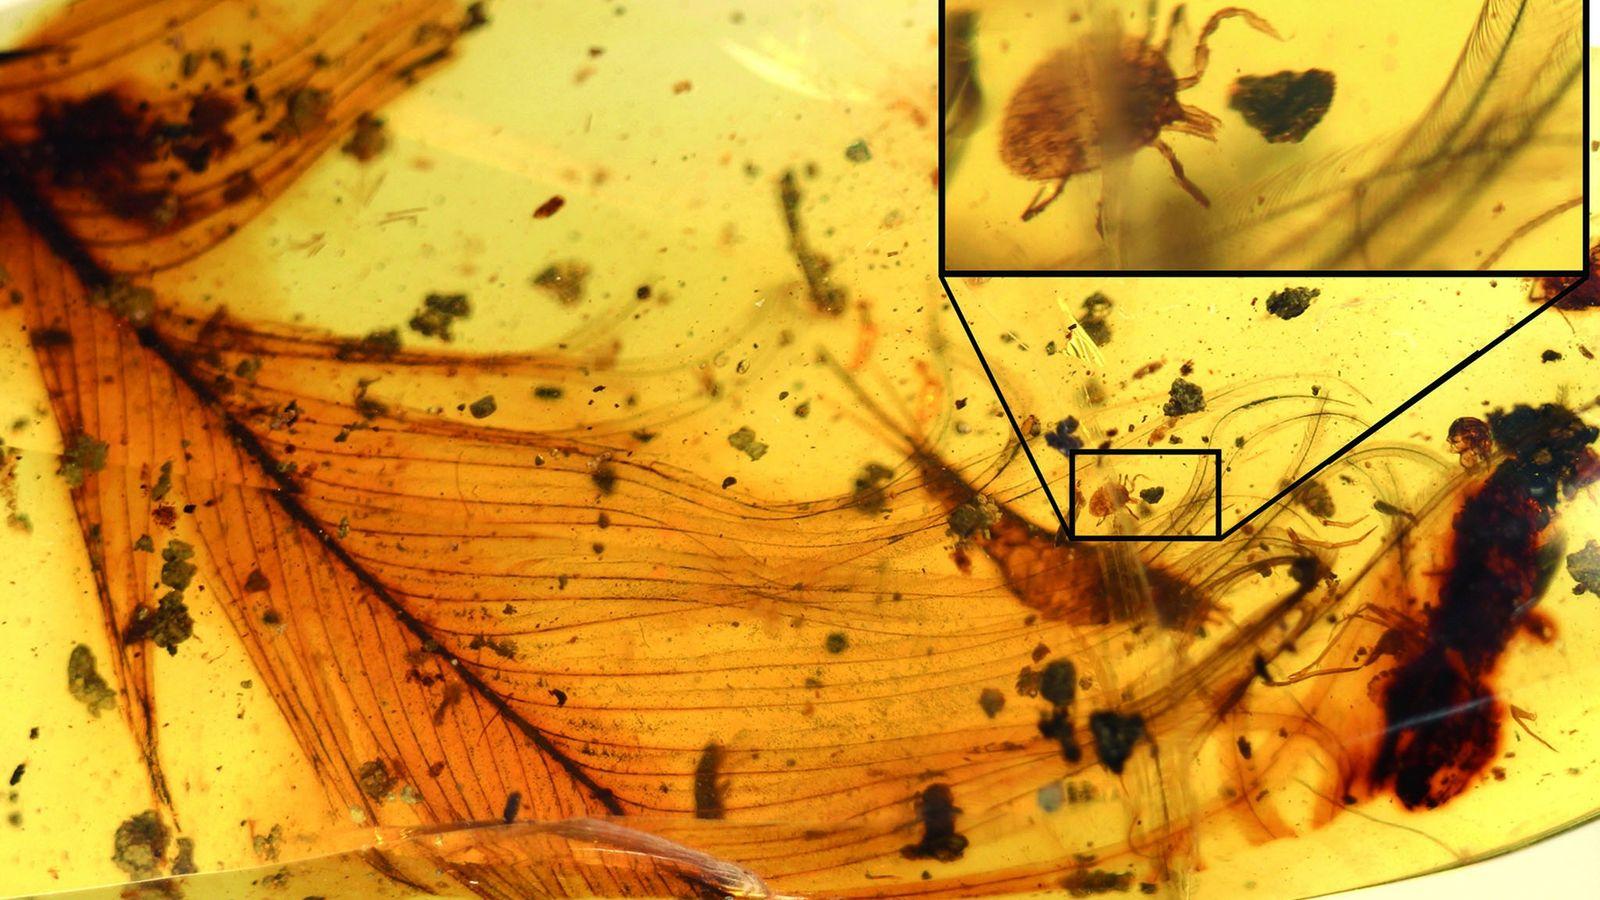 Ein 99 Millionen Jahre alter Klumpen Bernstein mit einer eingeschlossenen Zecke, die sich an eine Feder ...